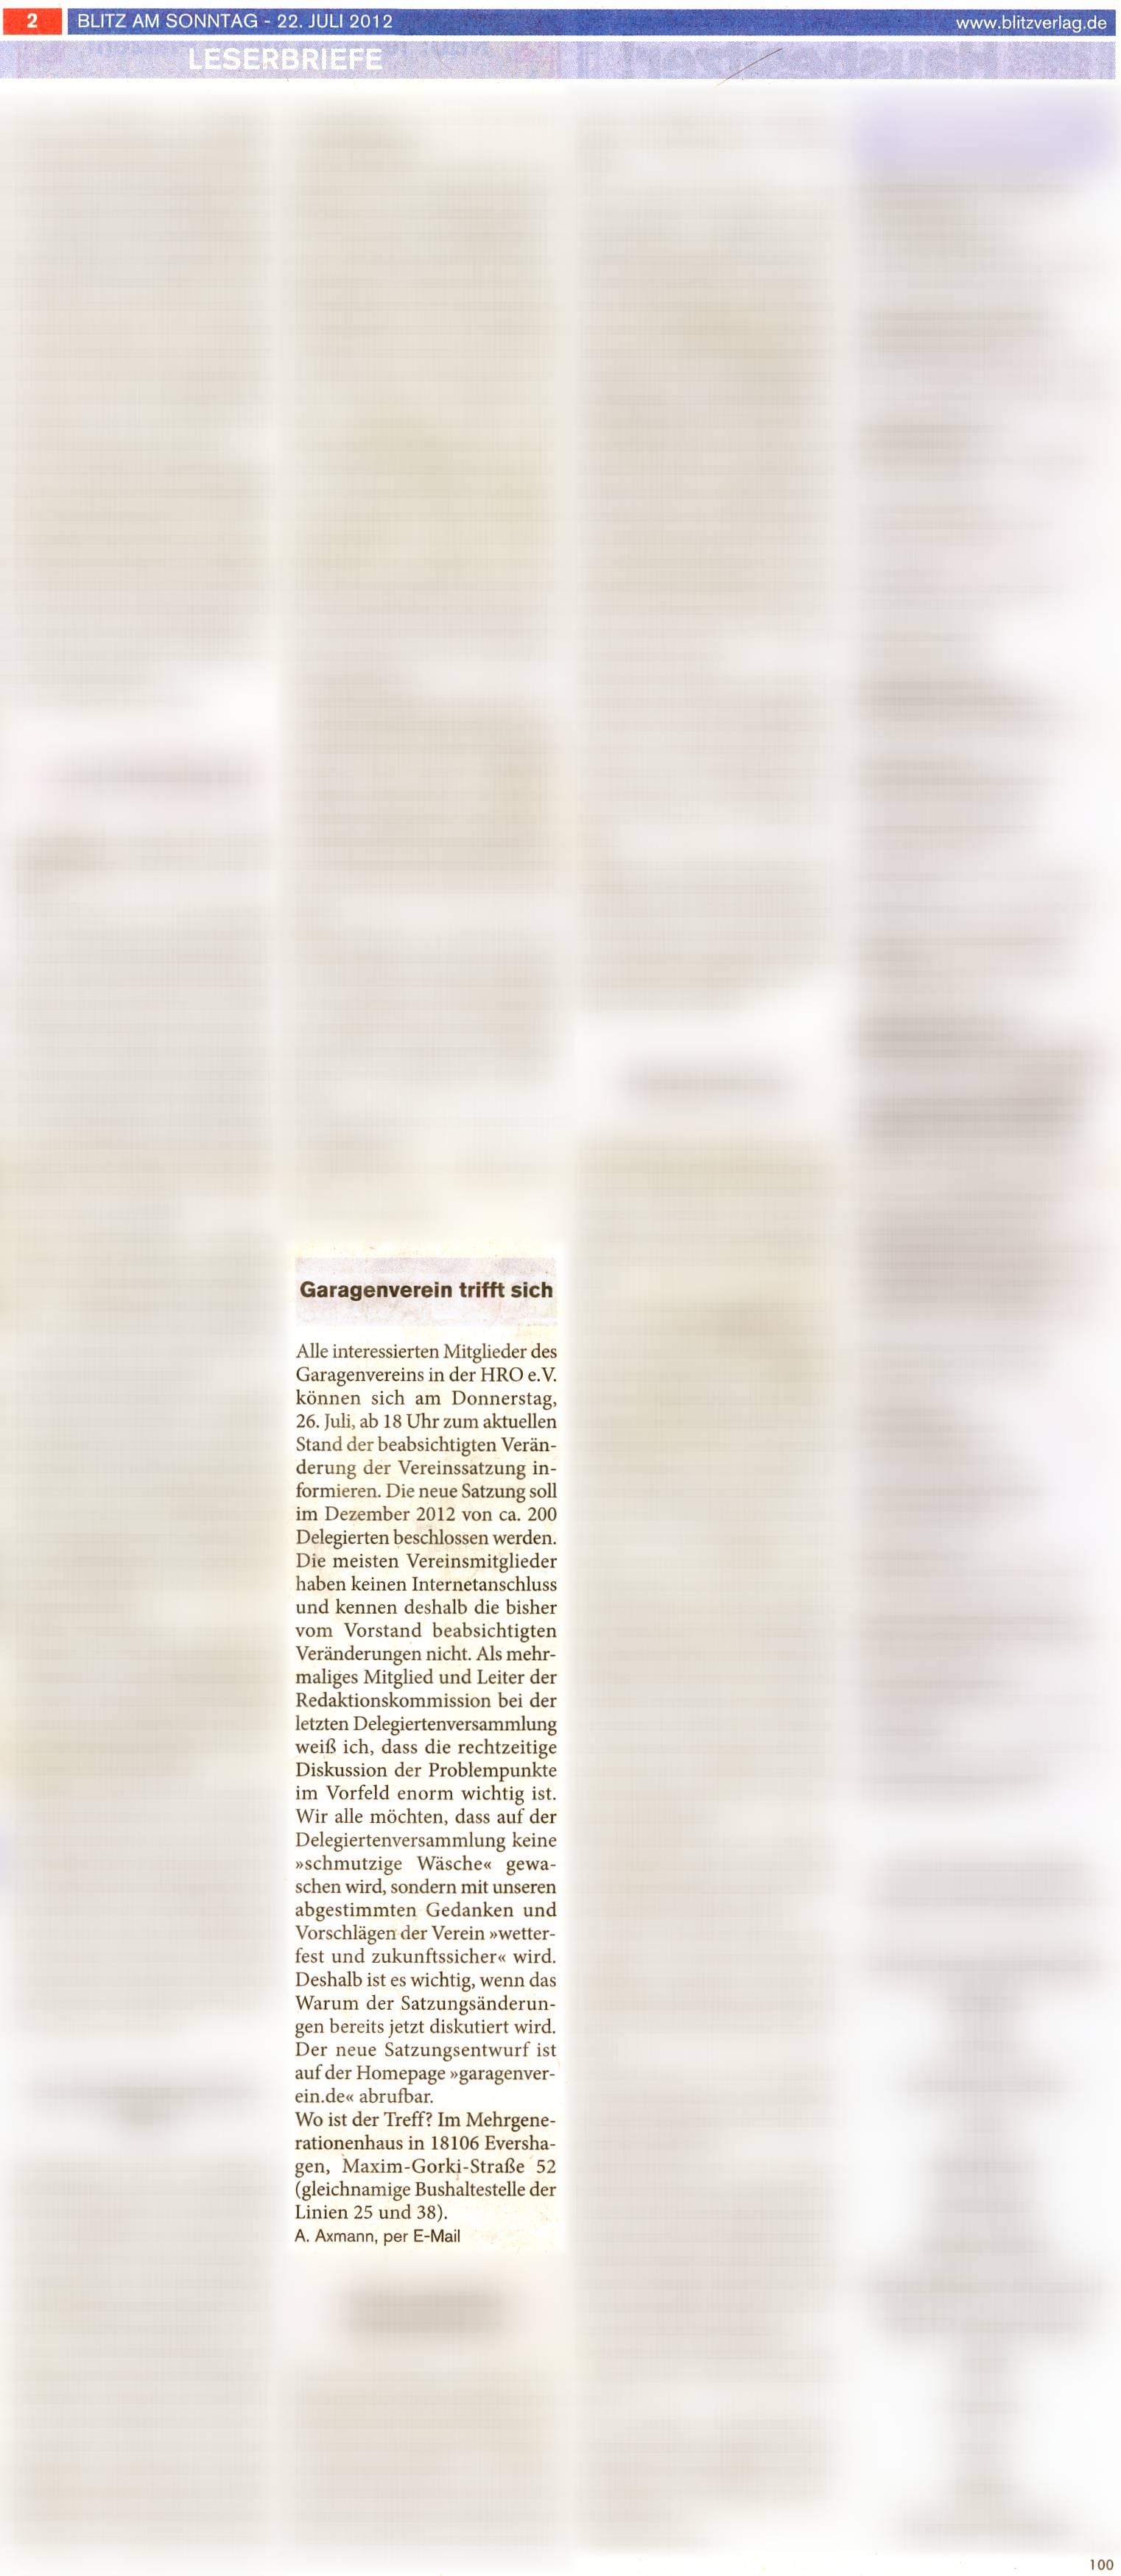 Zeitungsartikel im Rostocker Blitz am Sonntag mit der Ankündigung zur Informations- und Beratungsveranstaltung am 26.07.2012